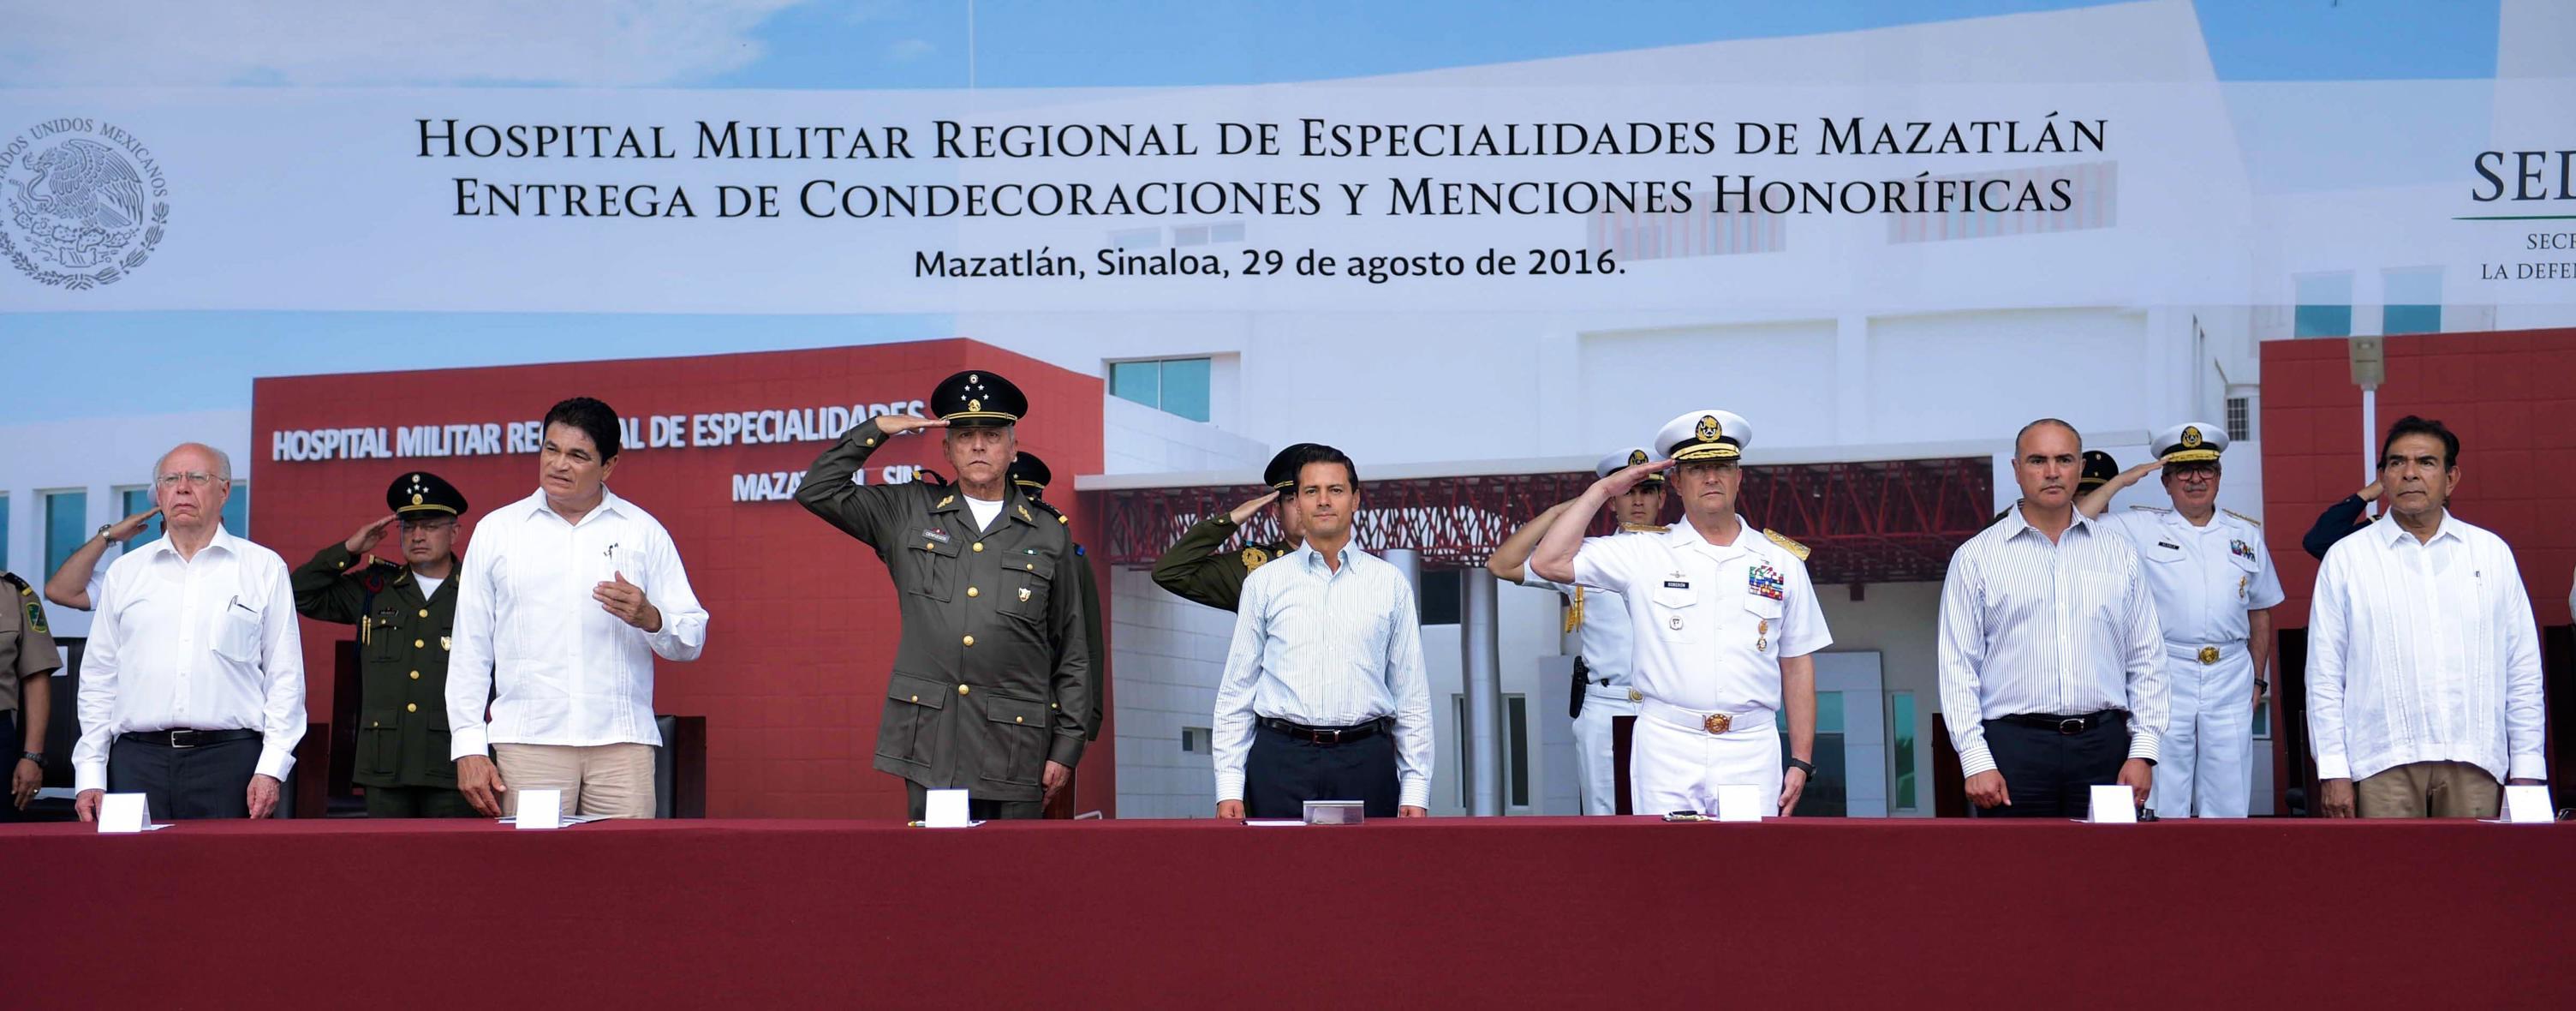 Hoy la infraestructura militar de salud incluye: 5 hospitales militares de especialidad, 4 hospitales regionales de especialidades, 31 hospitales regionales y de zona, y 10 unidades médicas de consulta externa.